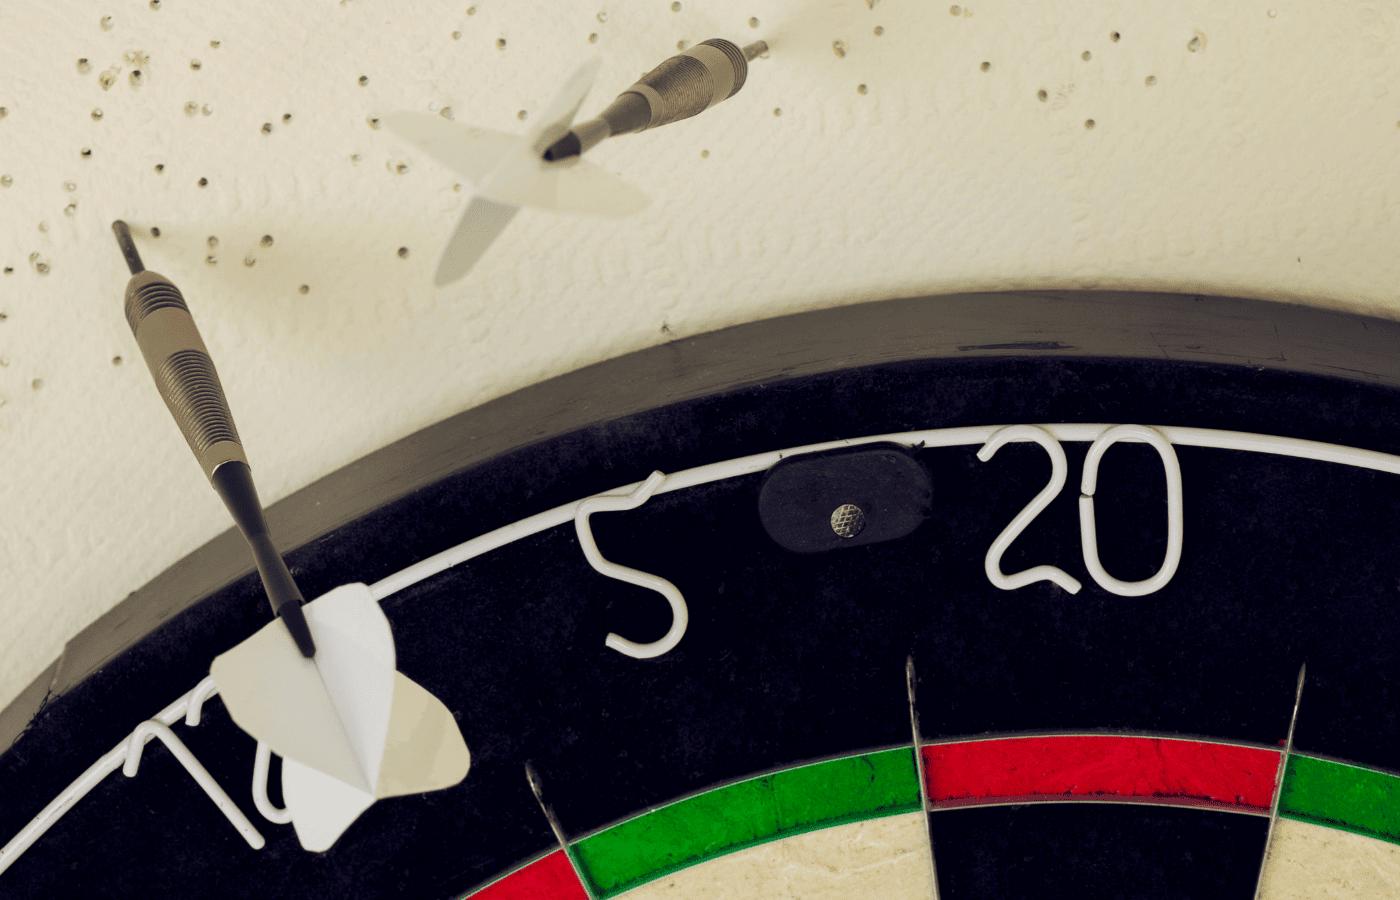 how to repair dart holes